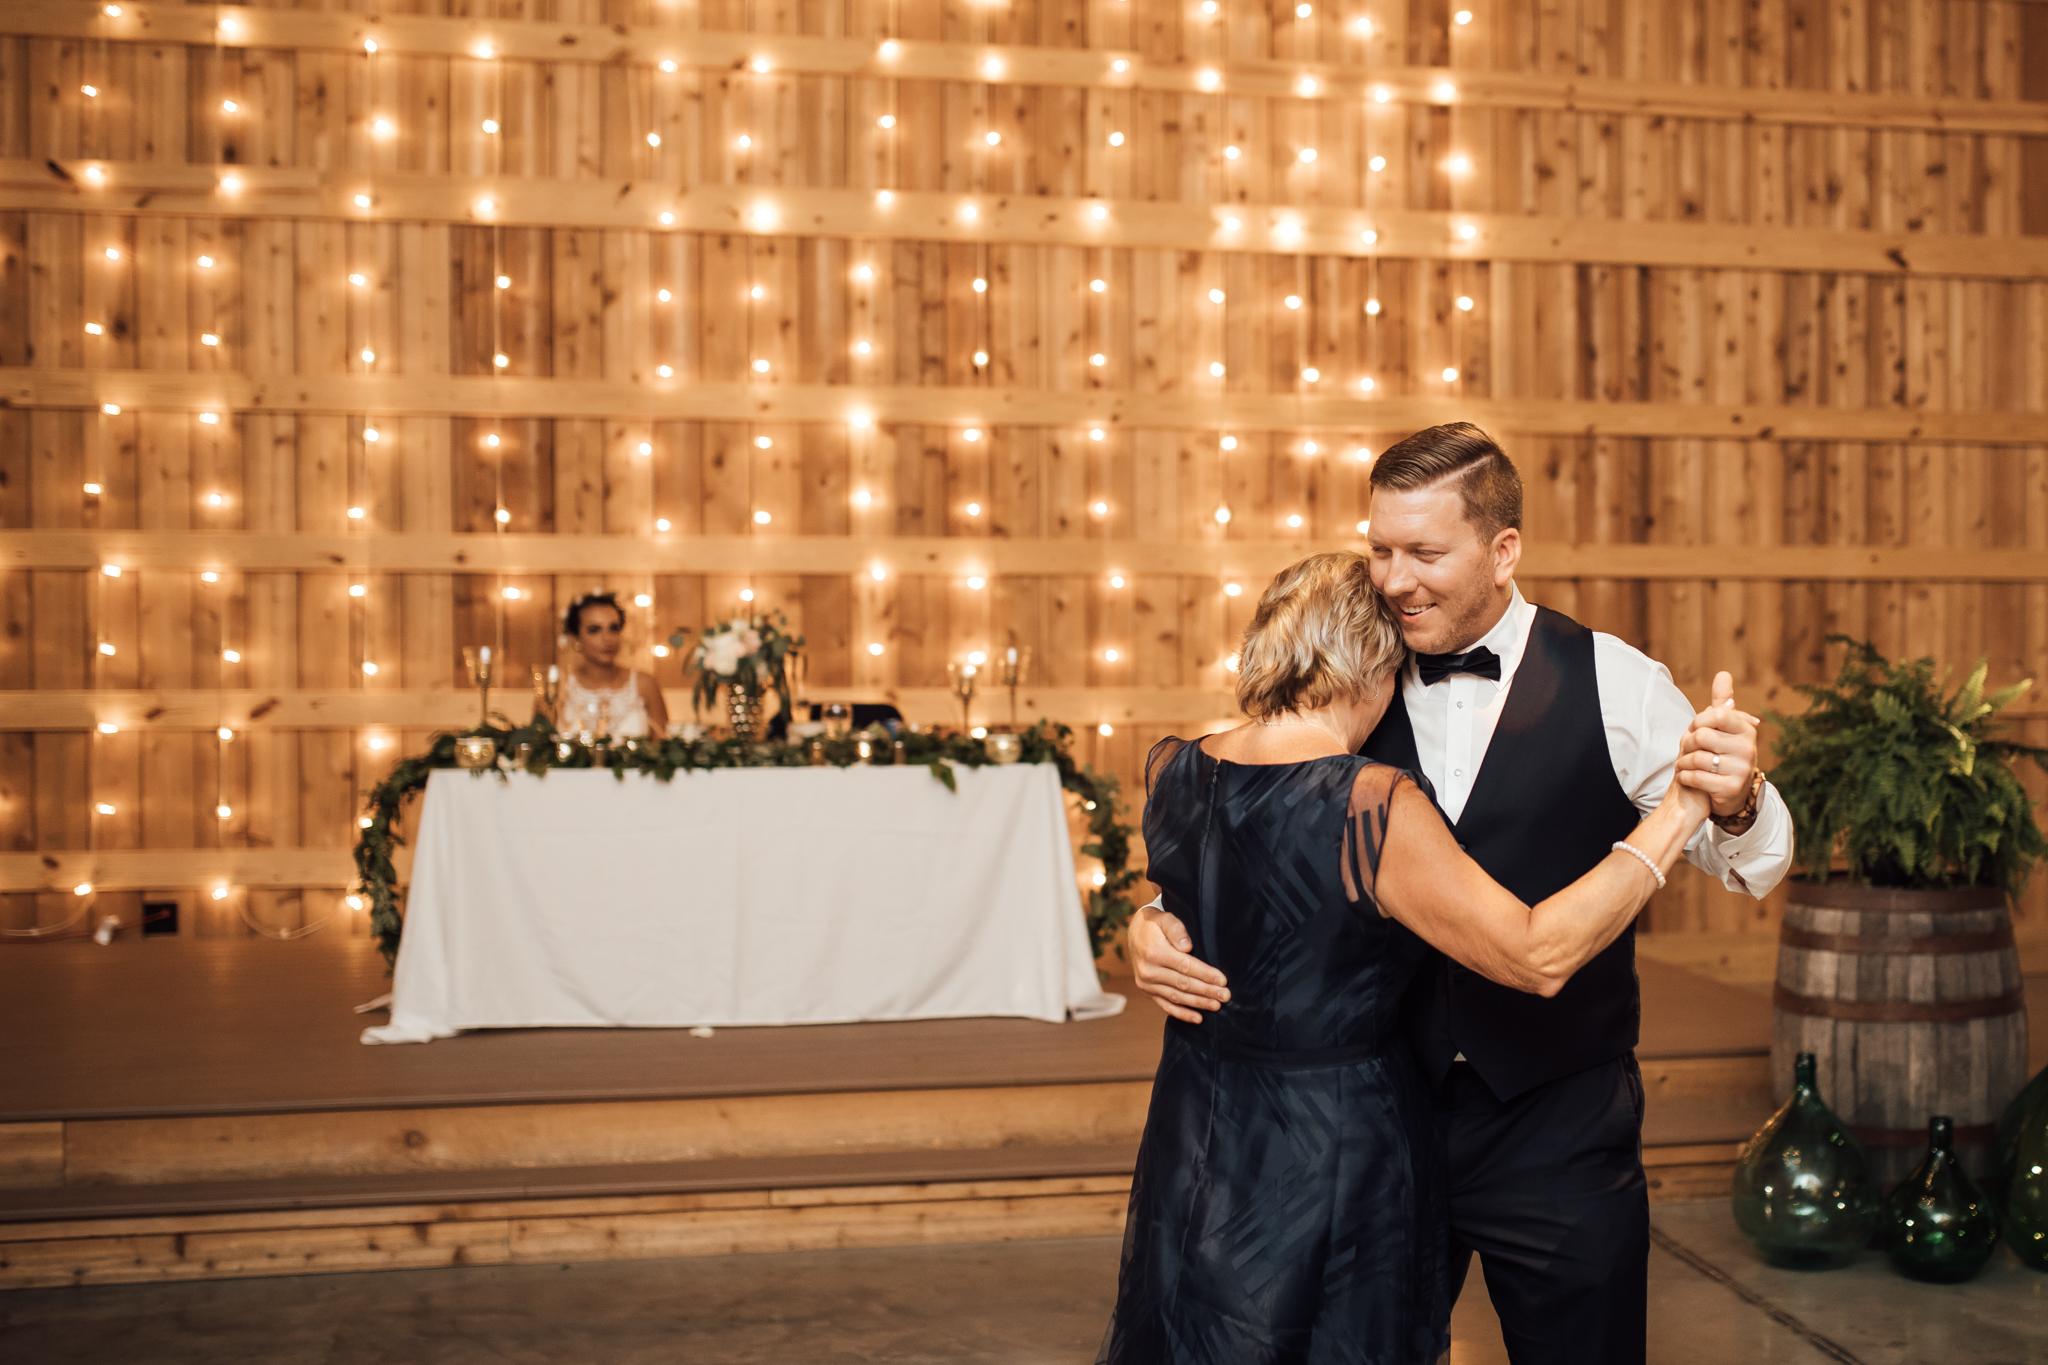 saddlewoodsfarms-nashville-wedding-photographer-thewarmtharoundyou-rustic-wedding (77 of 251).jpg